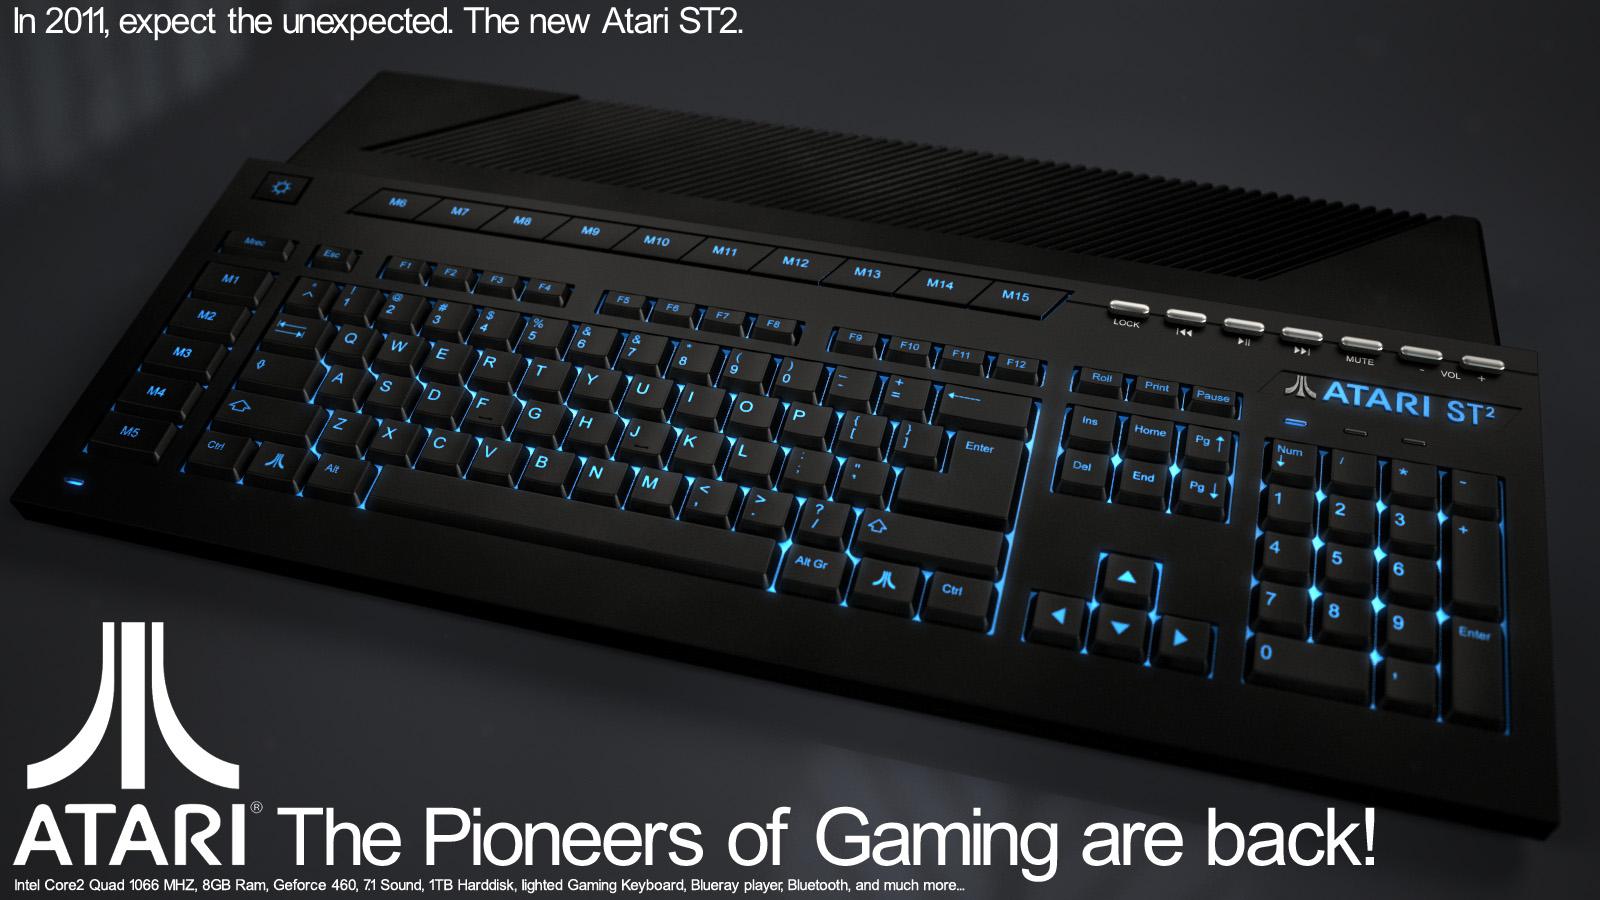 Atari St2 by svenart